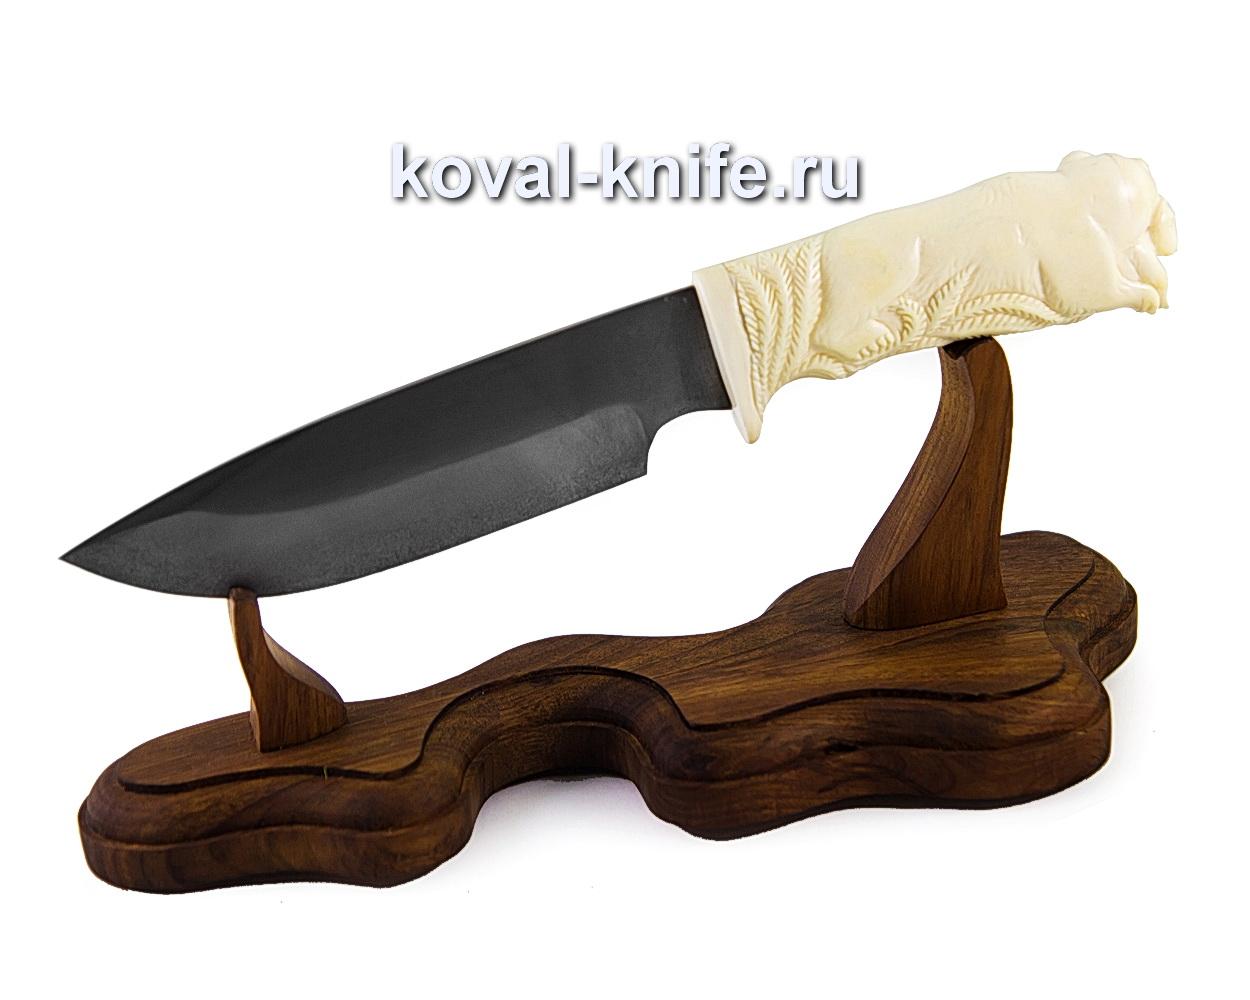 Нож из булатной стали Барс (рукоять с резьбой по кости) A365